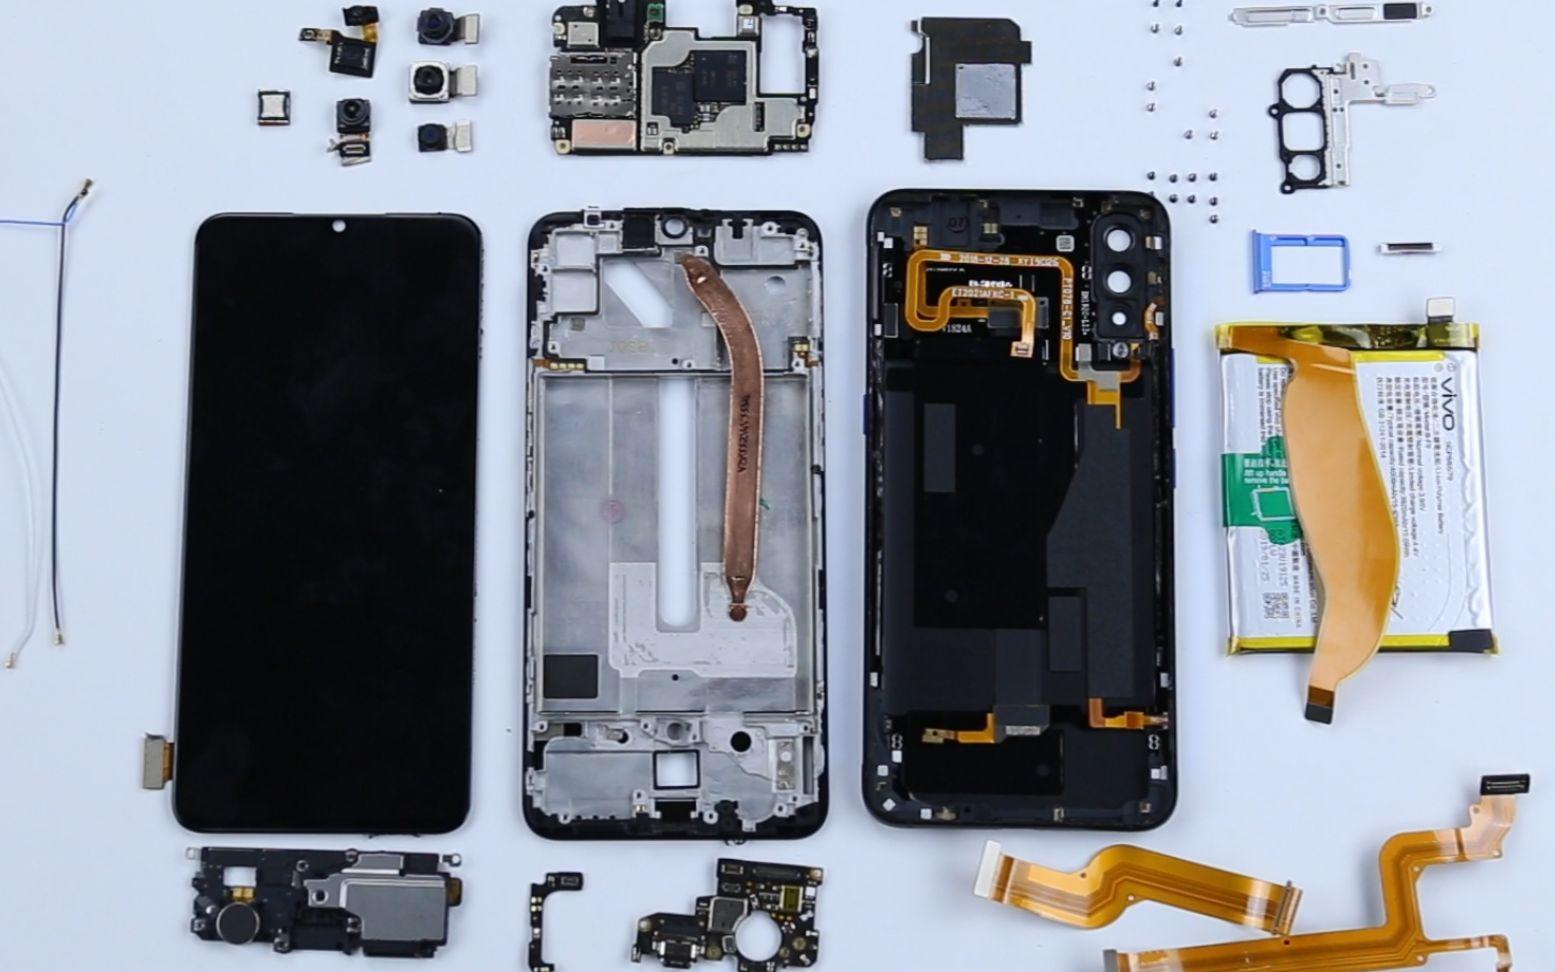 iQOO手机首发拆解视频:性价比最高的旗舰手机内部是这样的!